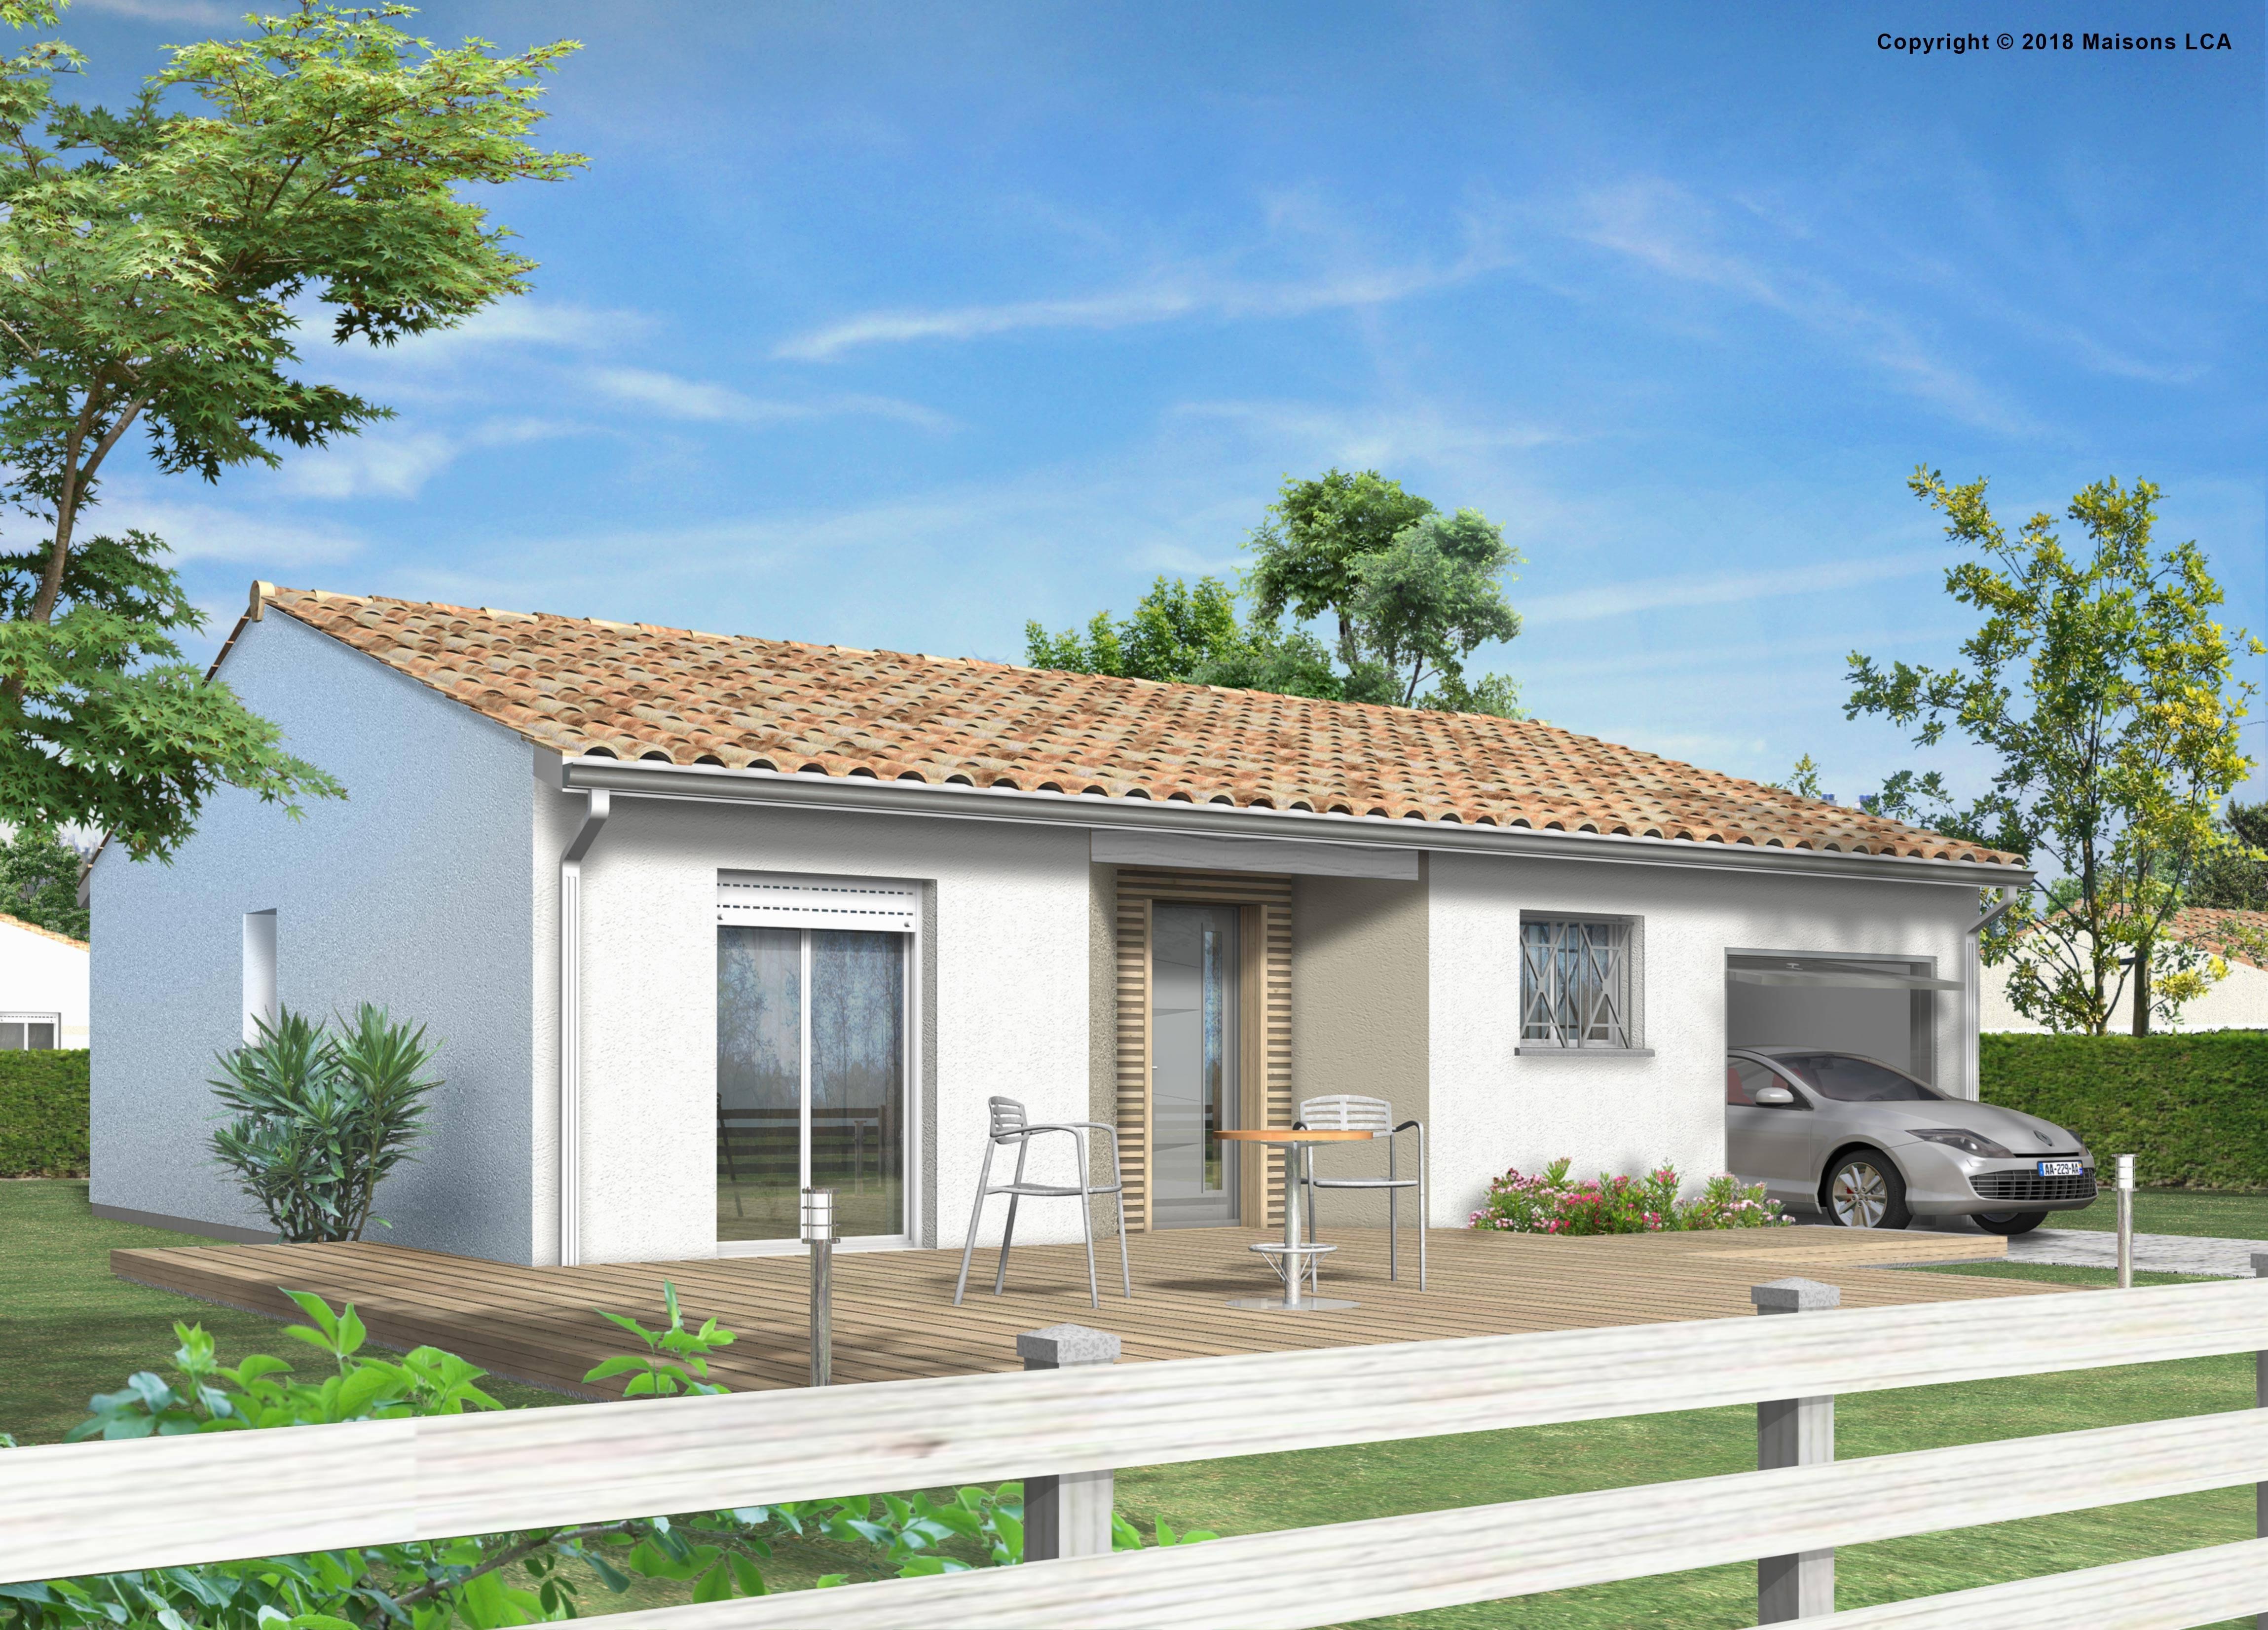 Maisons + Terrains du constructeur LCA CREON • 87 m² • LUSSAC